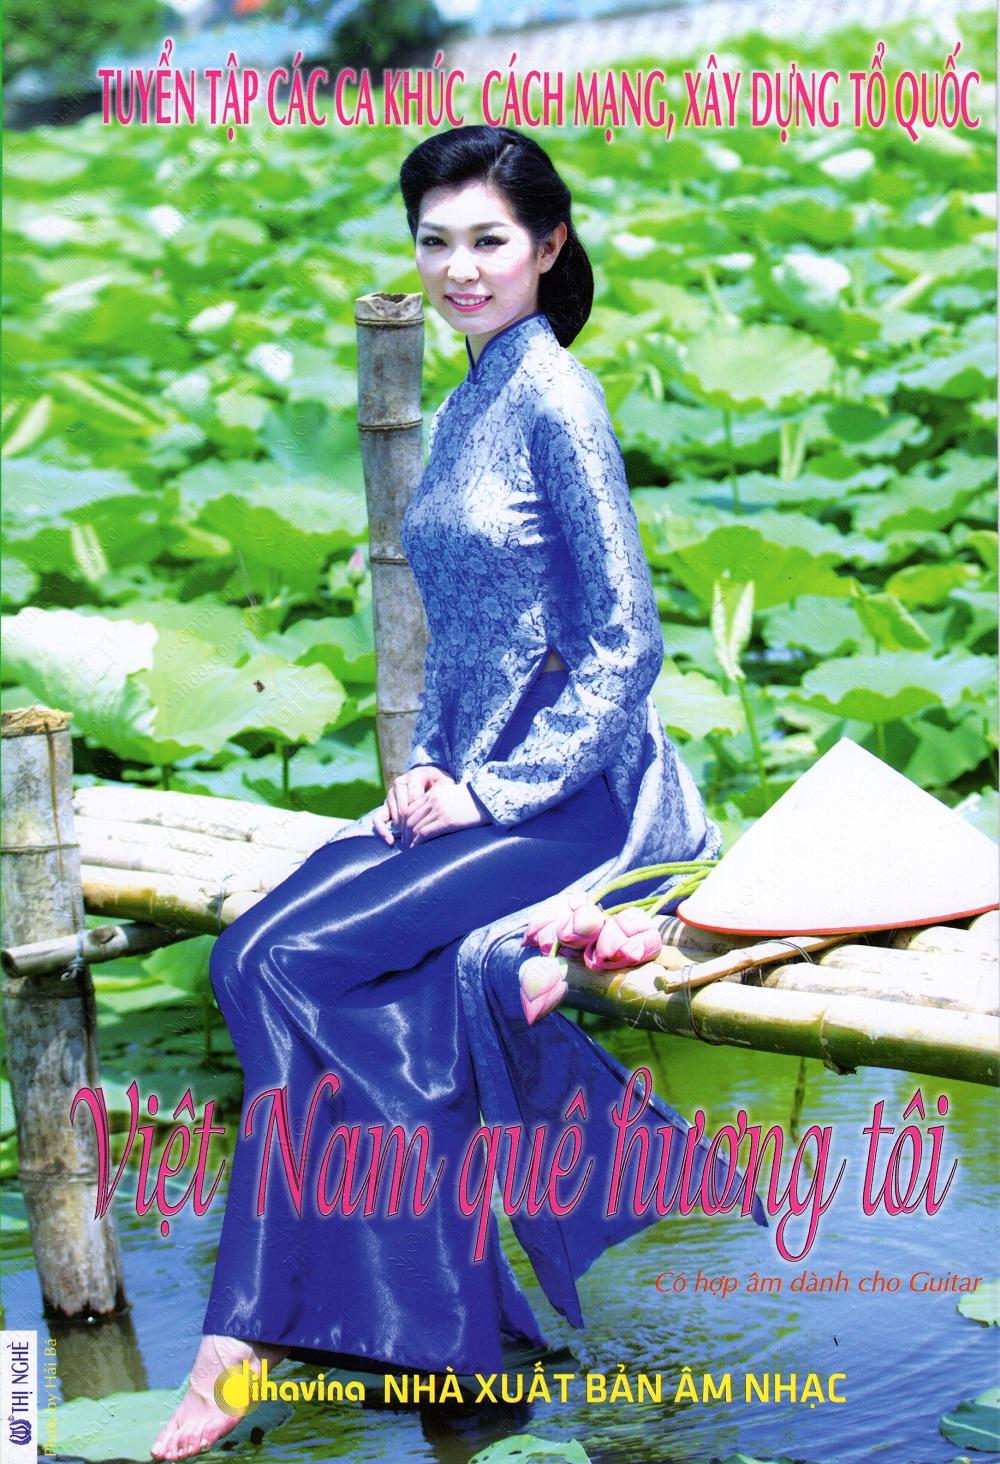 Bìa sách Tuyển Tập Các Ca Khúc Cách Mạng, Xây Dựng Tổ Quốc - Việt Nam Quê Hương Tôi (Kèm CD)